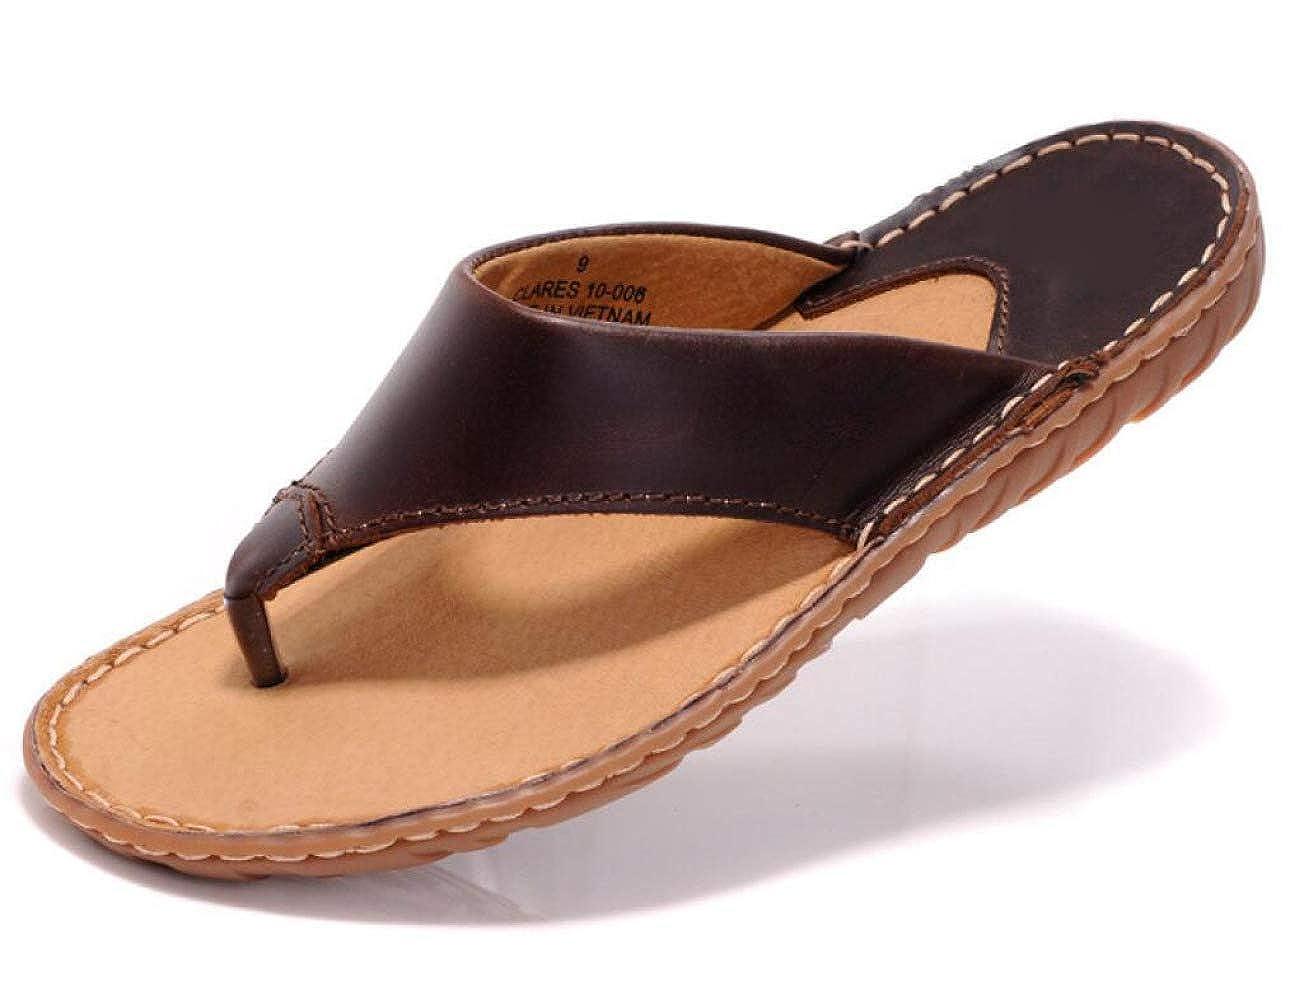 DHFUD Herren Hausschuhe Sommer Leder Flip-Flops Koreanische Flip-Flops Sandalen